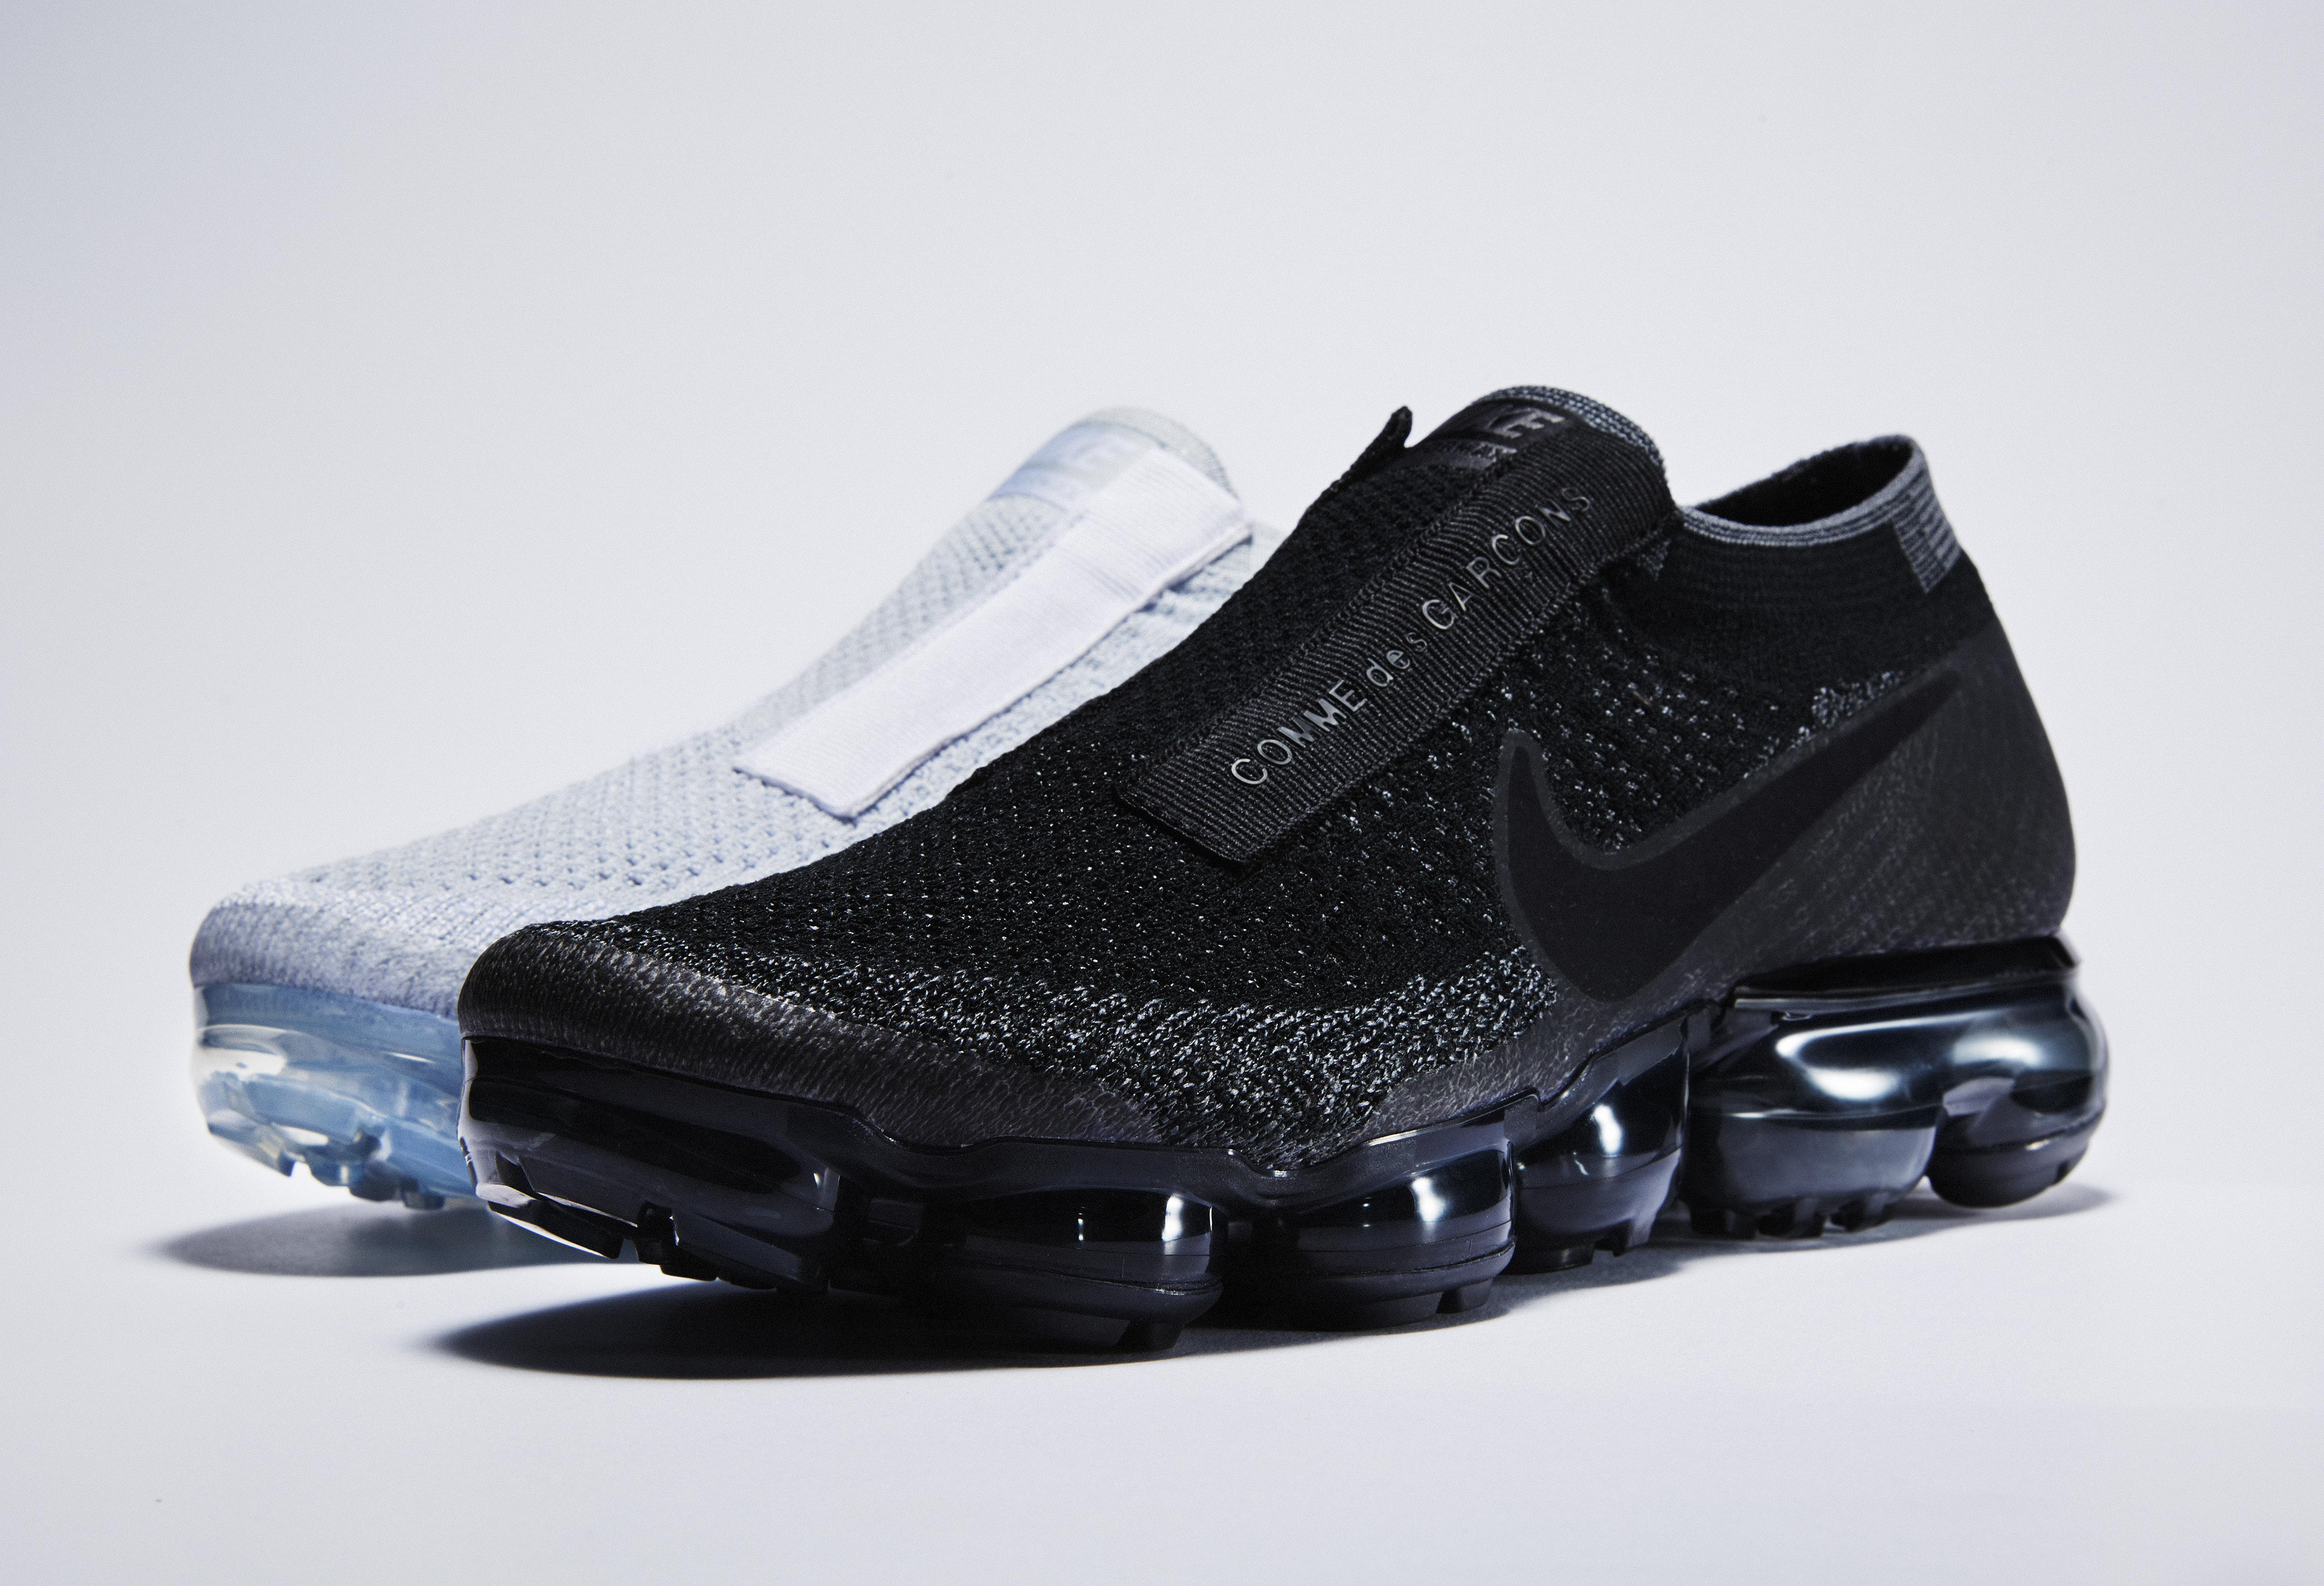 Nike_VaporMax_for_Comme_des_Garcons_14_original